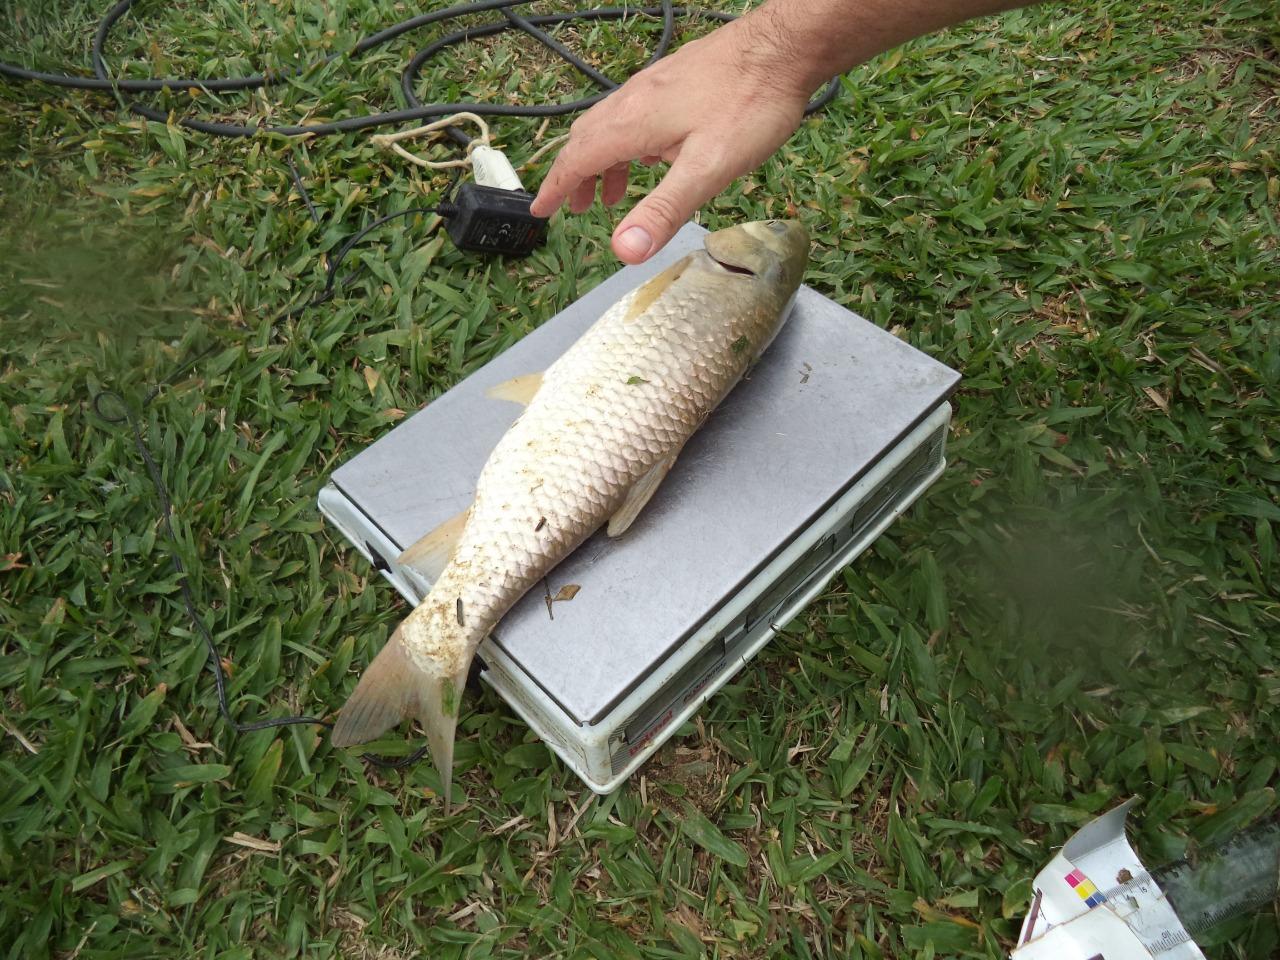 Carpa passando por processo de medição: falta de ração orgânica atrasou crescimento dos peixes (Foto: Divulgação/IFSC)